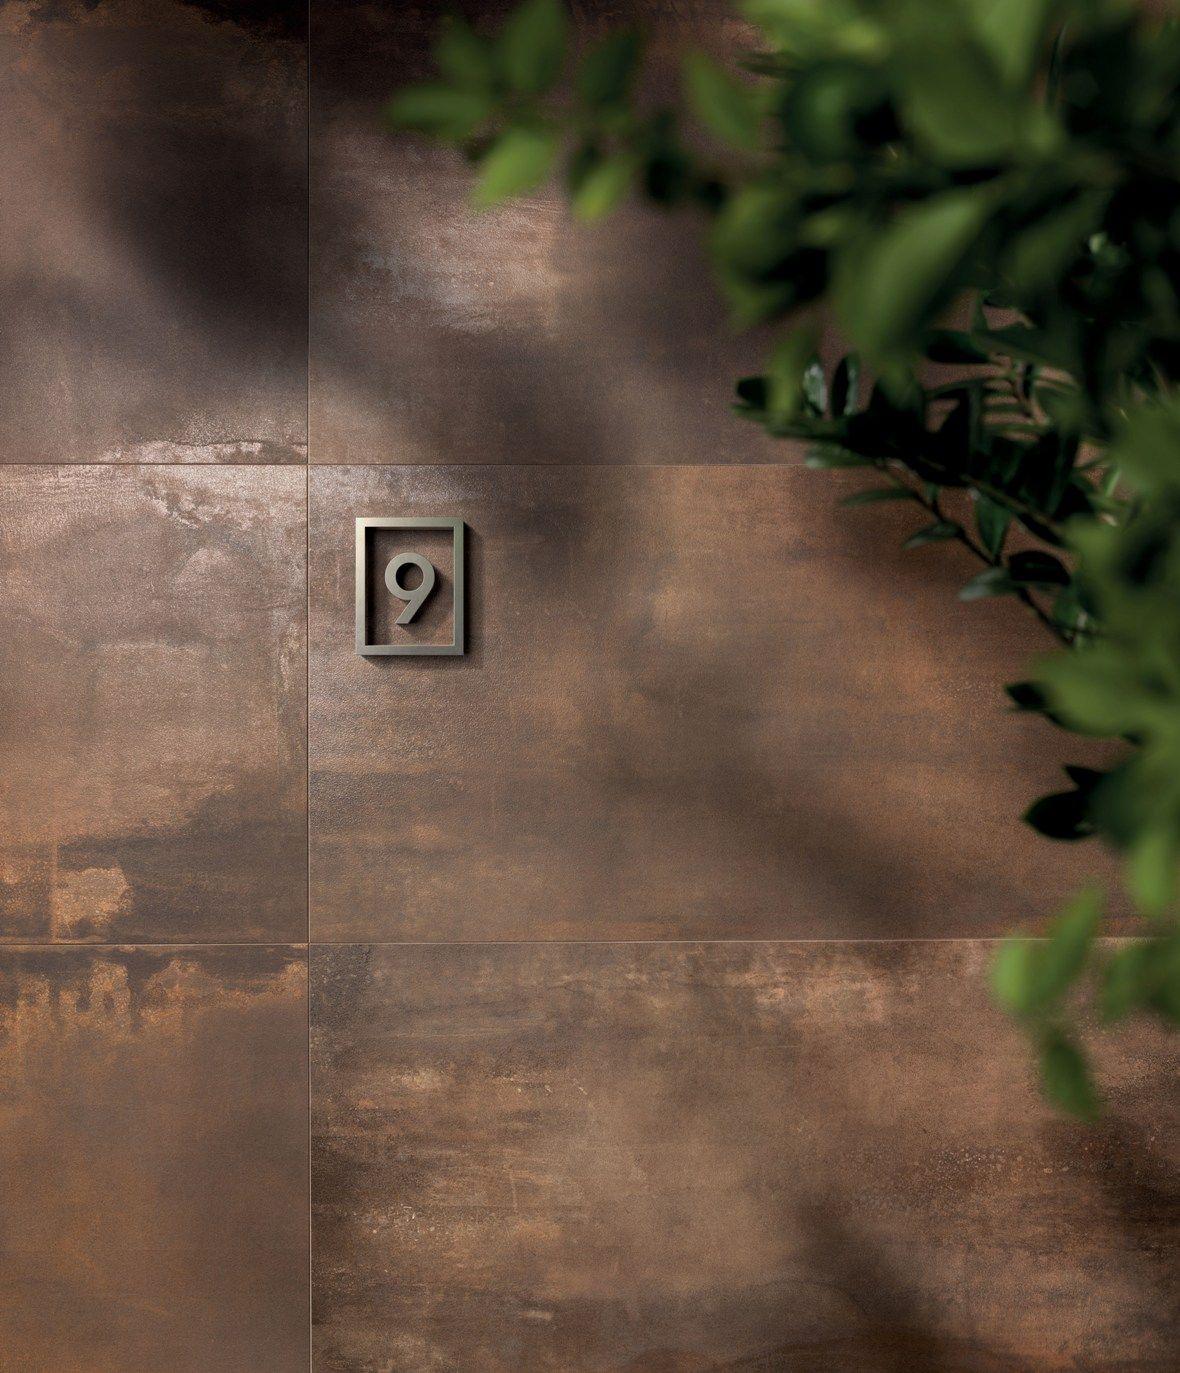 Interno 9 abkemozioni colore rust leleganza della semplicit si interno 9 abkemozioni colore rust leleganza della semplicit si amalgama all dailygadgetfo Choice Image